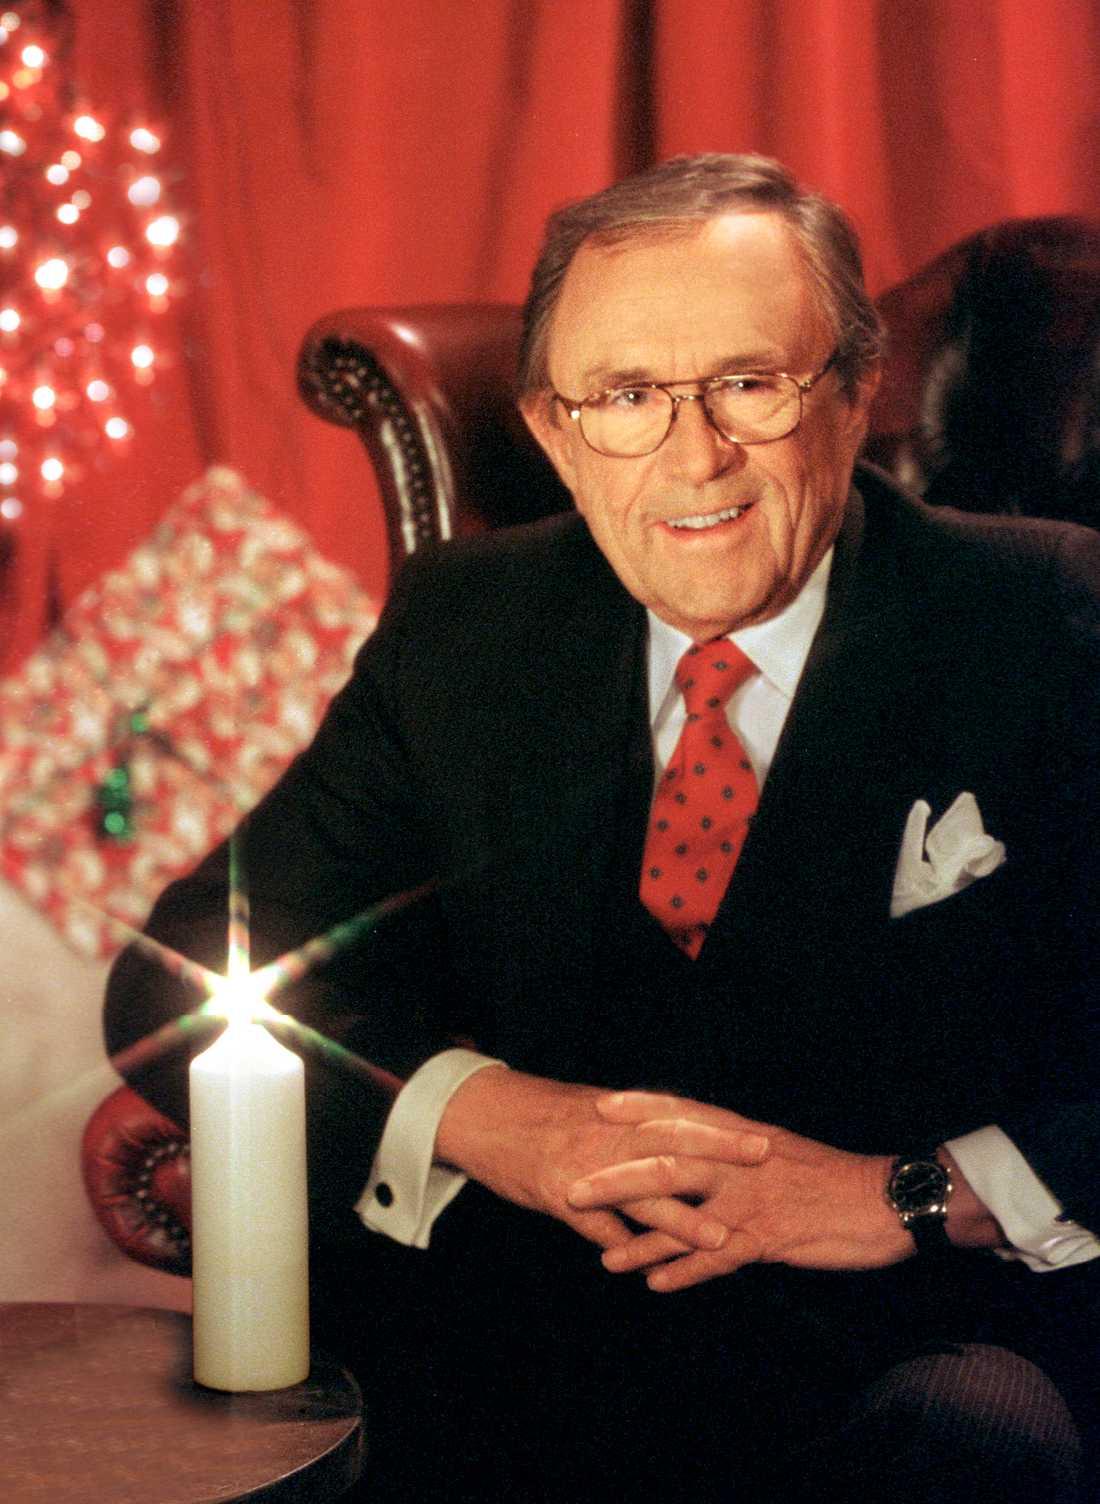 Arne Weise som julvärd 2002.